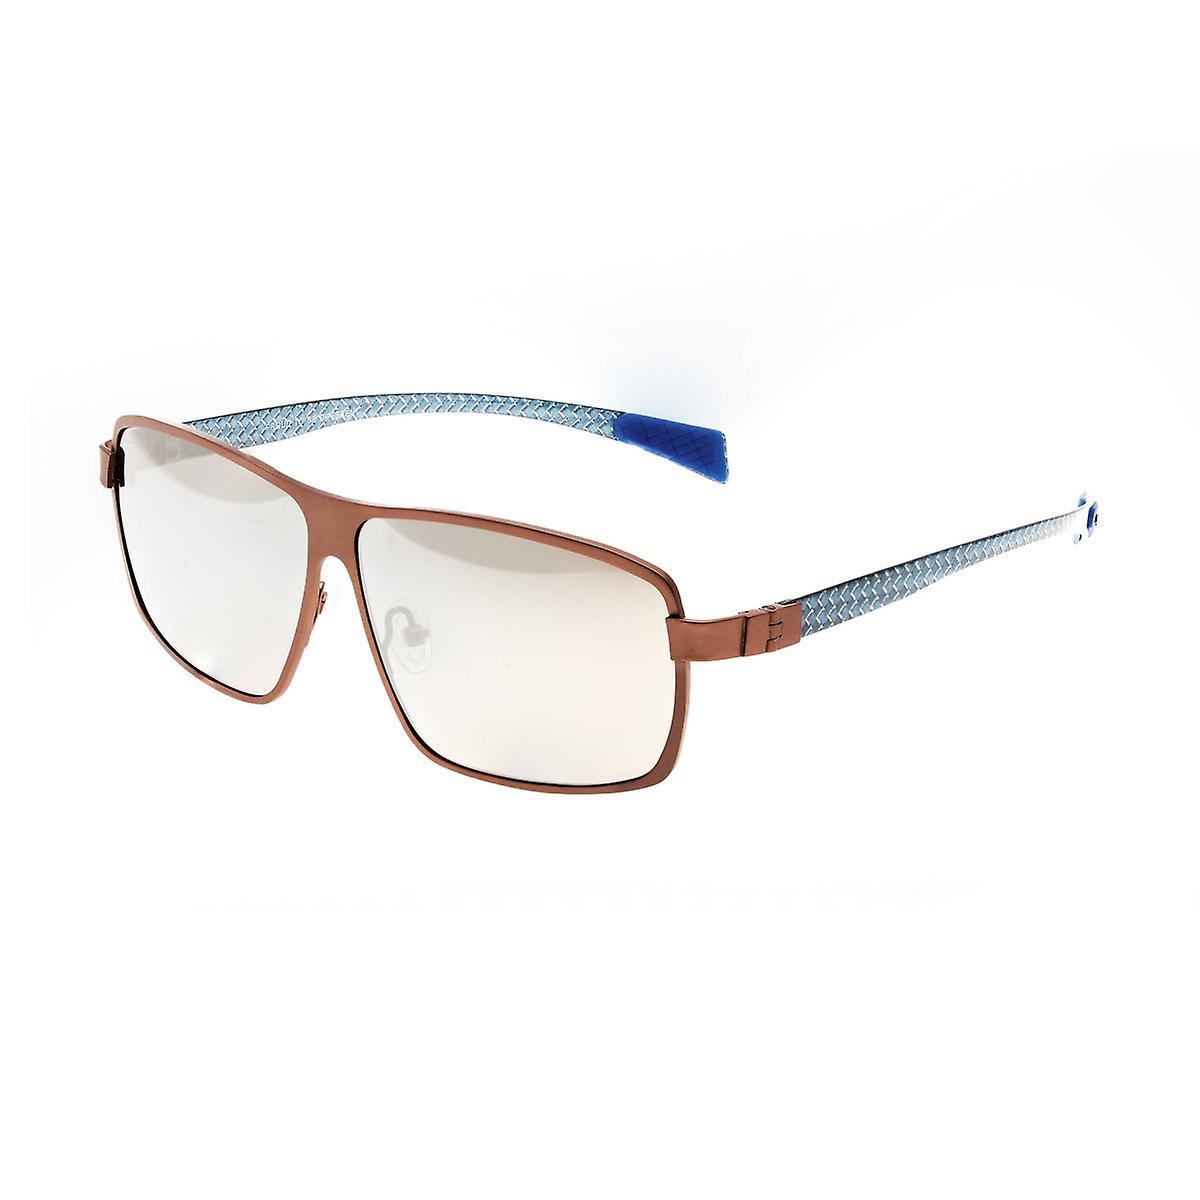 Race Fincrustation titane Polarized lunettes de soleil - bcourir argent